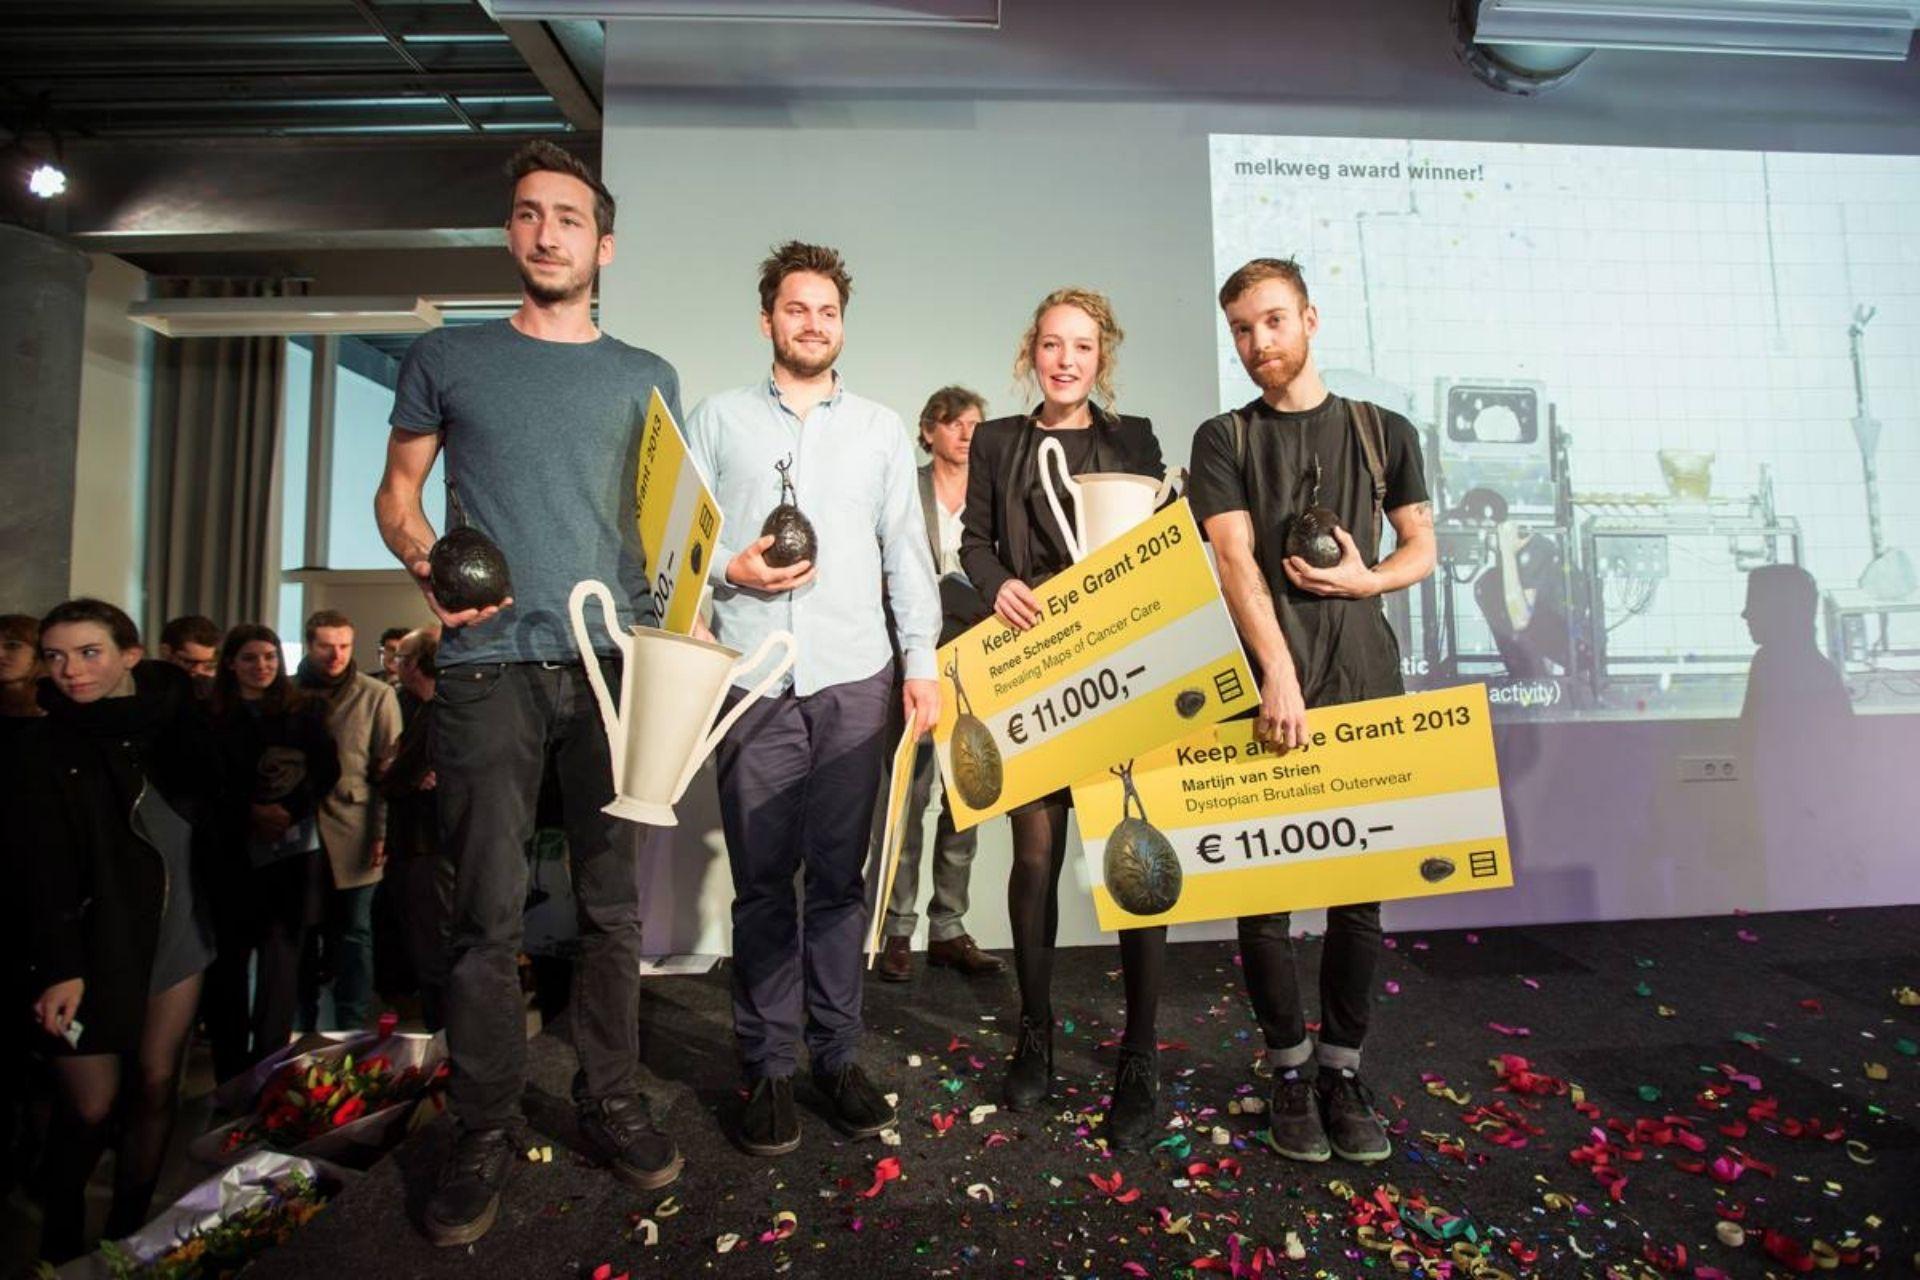 2 awards